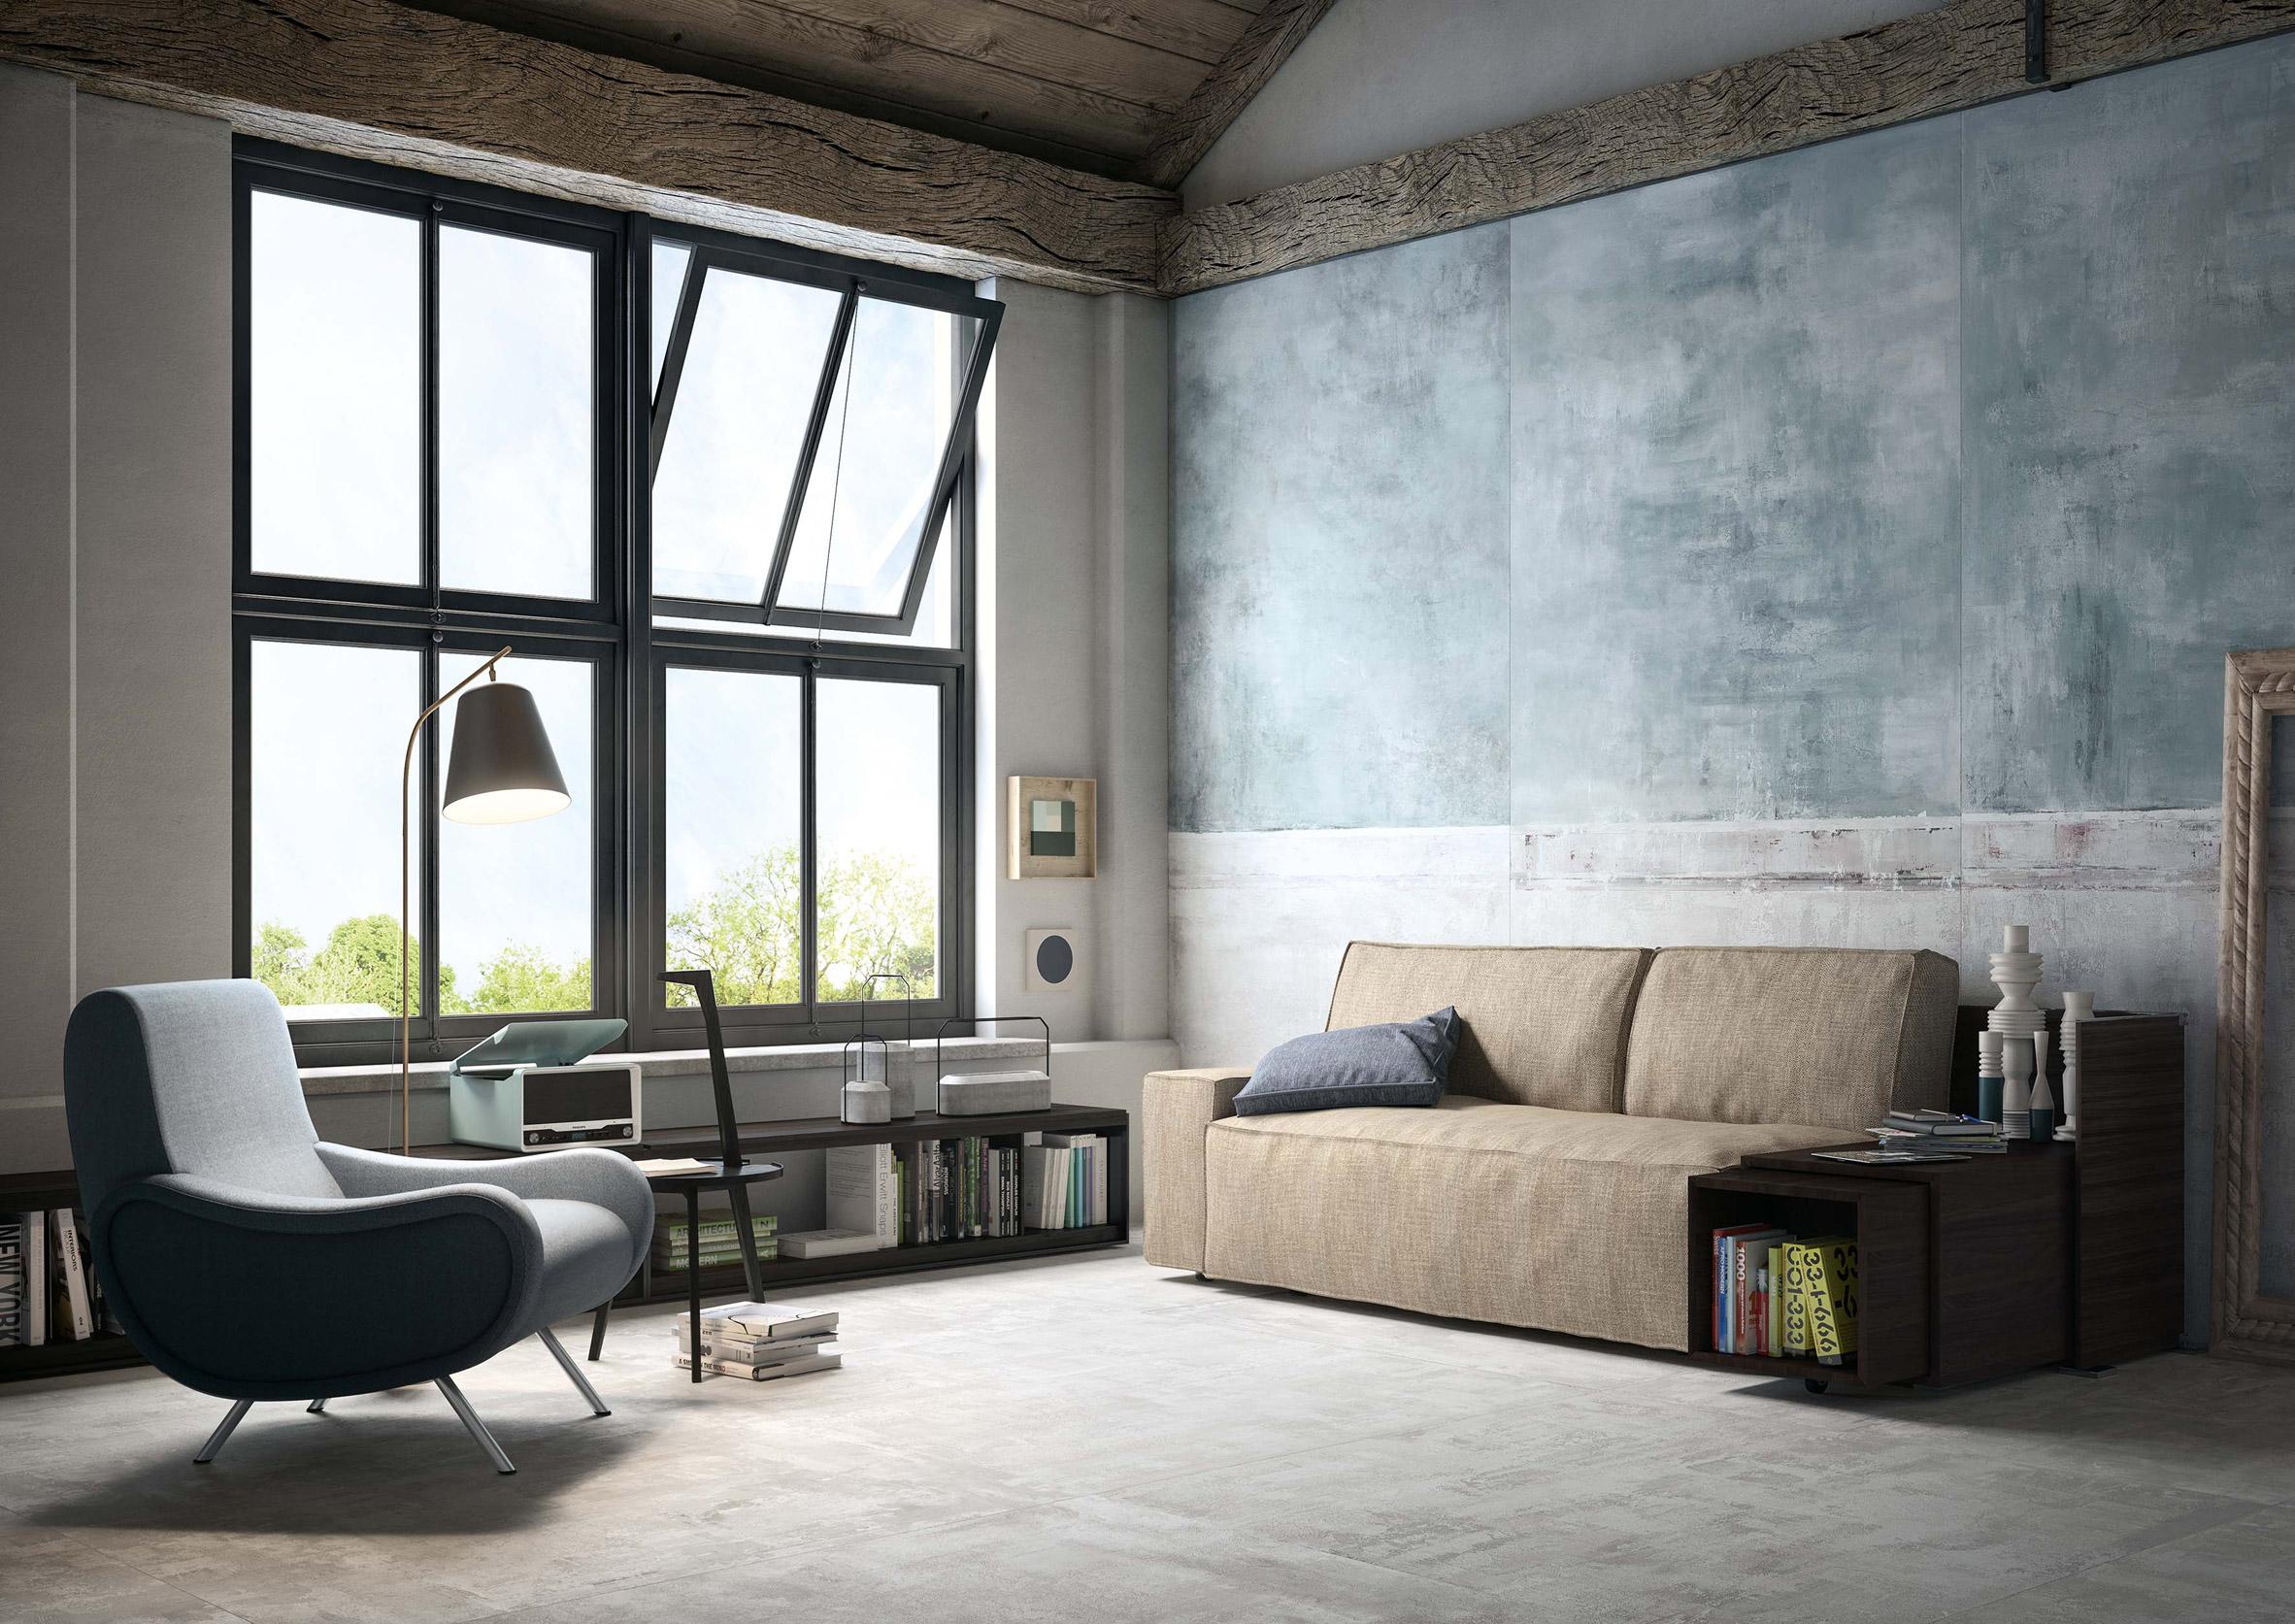 Studio Zanellato/Bortotto design wall panels that create the illusion of age for CEDIT